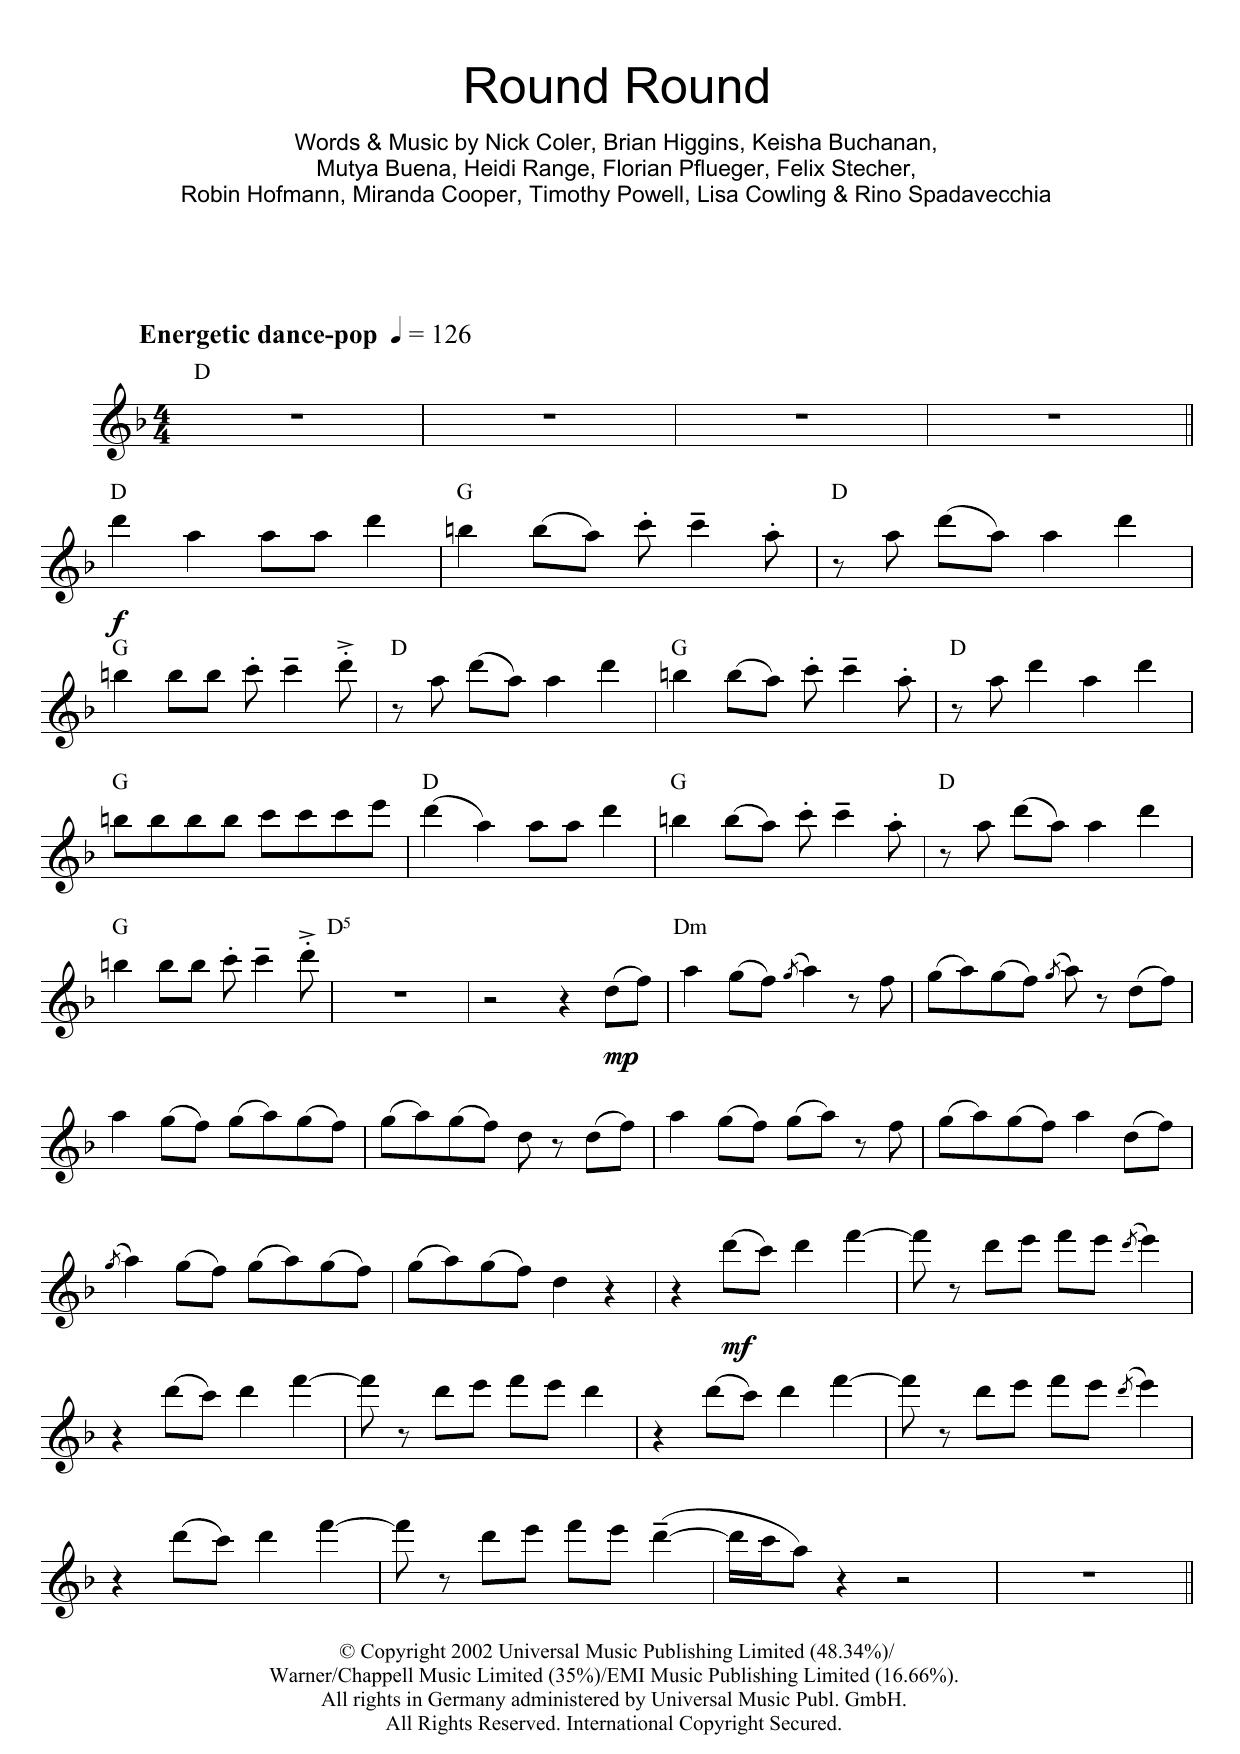 Round Round (Flute Solo)